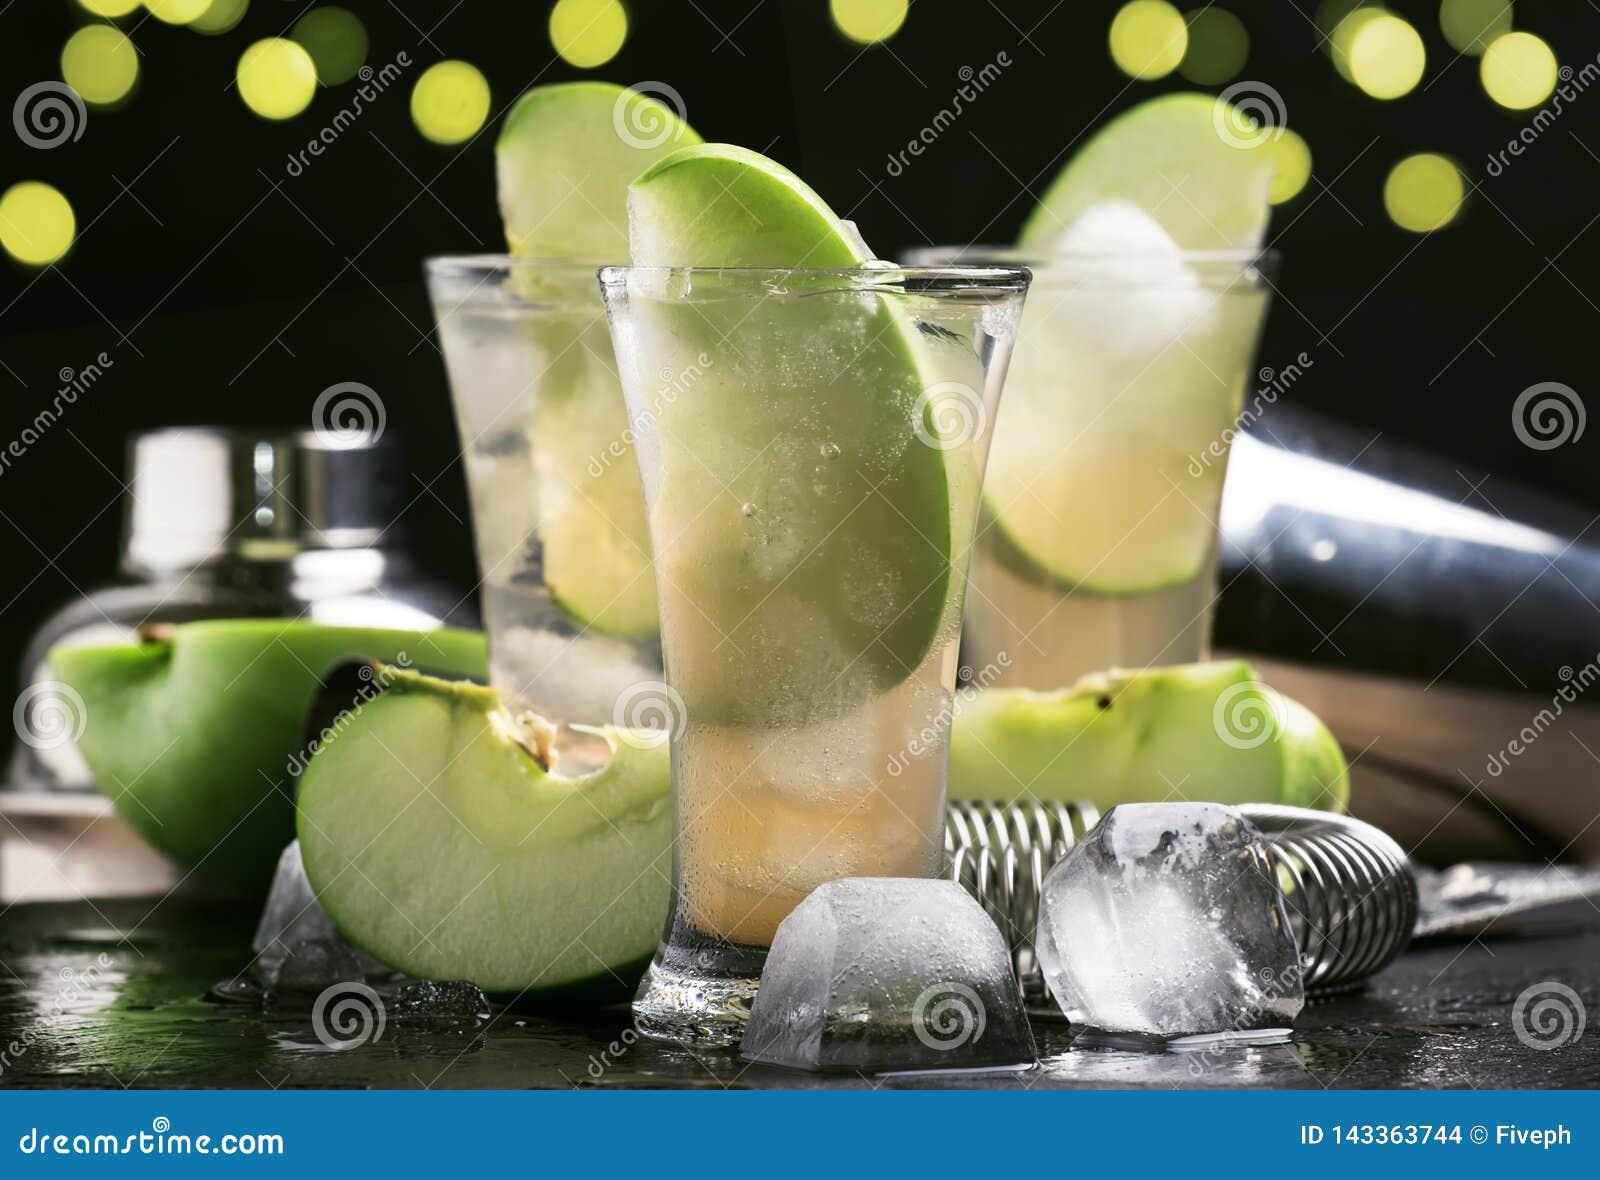 酒精鸡尾酒用干白色苦艾酒、绿色苹果、汁液、苏打和冰,黑酒吧柜台背景,选择聚焦